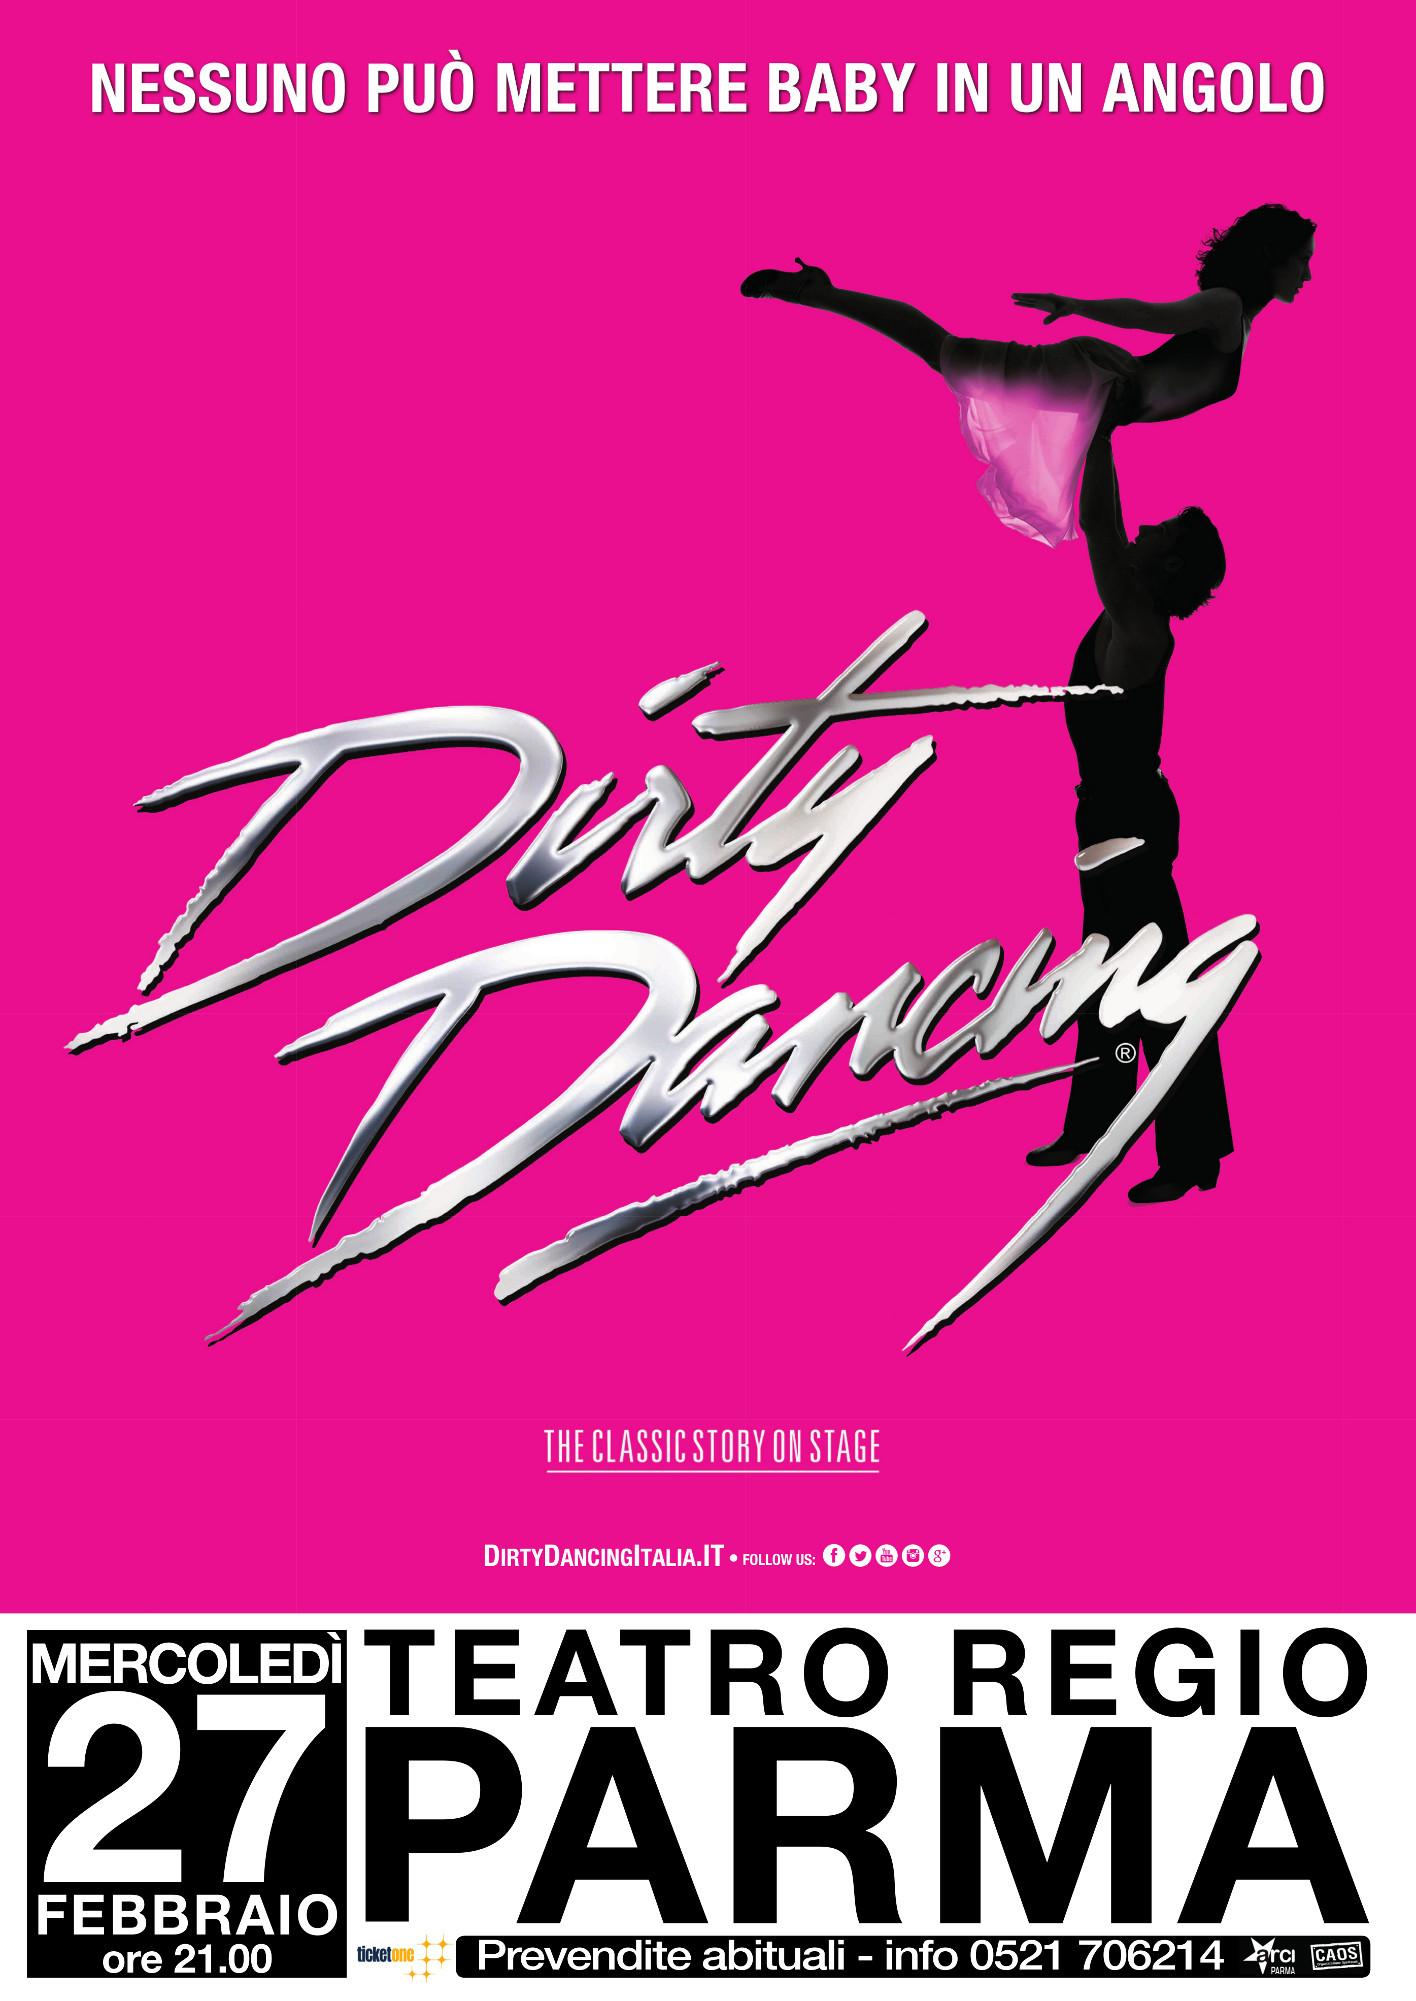 DIRTY DANCING al Teatro Regio